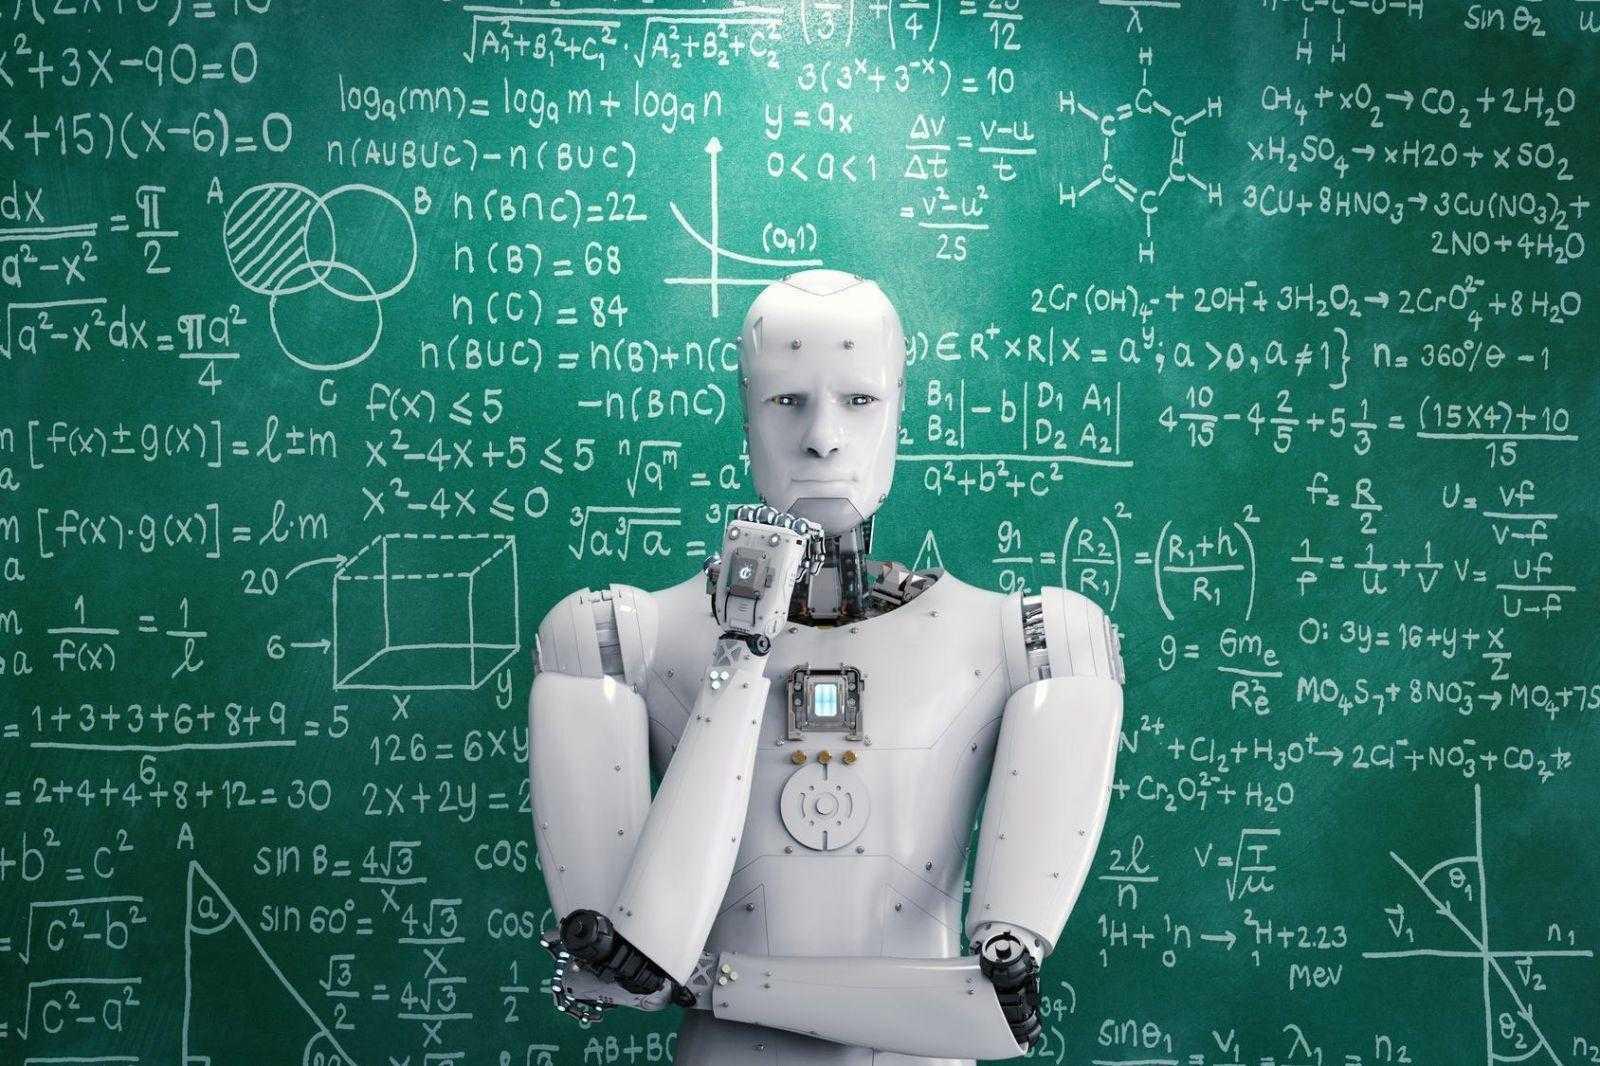 5 технологий с использованием ИИ, которые изменят мир к лучшему